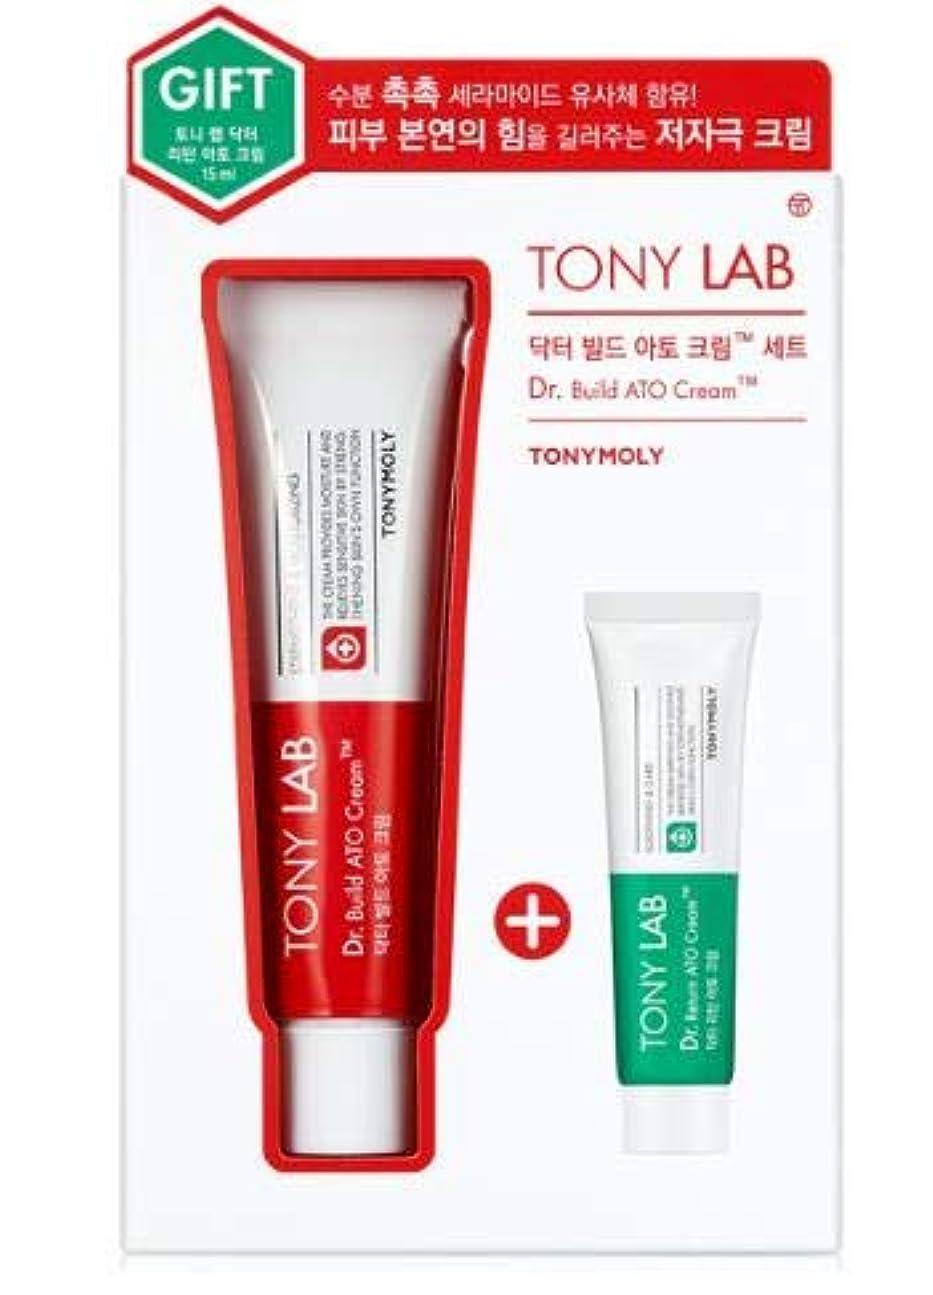 TONY MOLY Tony Lab Dr. Build ATO Cream トニーモリー トニーラボ ドクター ビルド アト クリーム [並行輸入品]